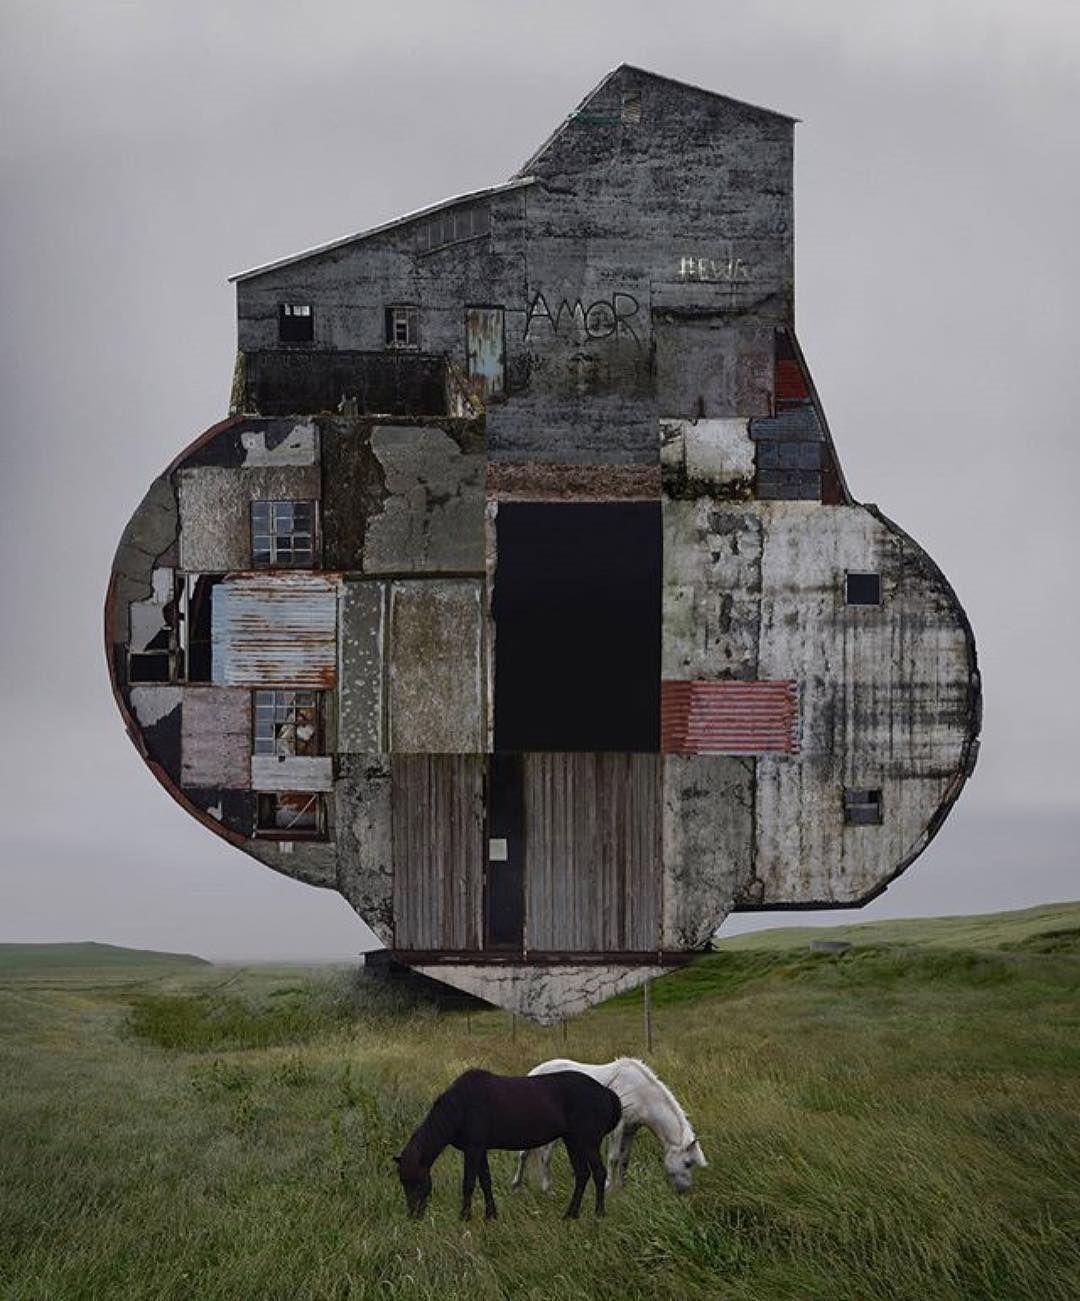 Anastasiasavinova art amor twohorses blackhole art artist anastasiasavinova dwelling